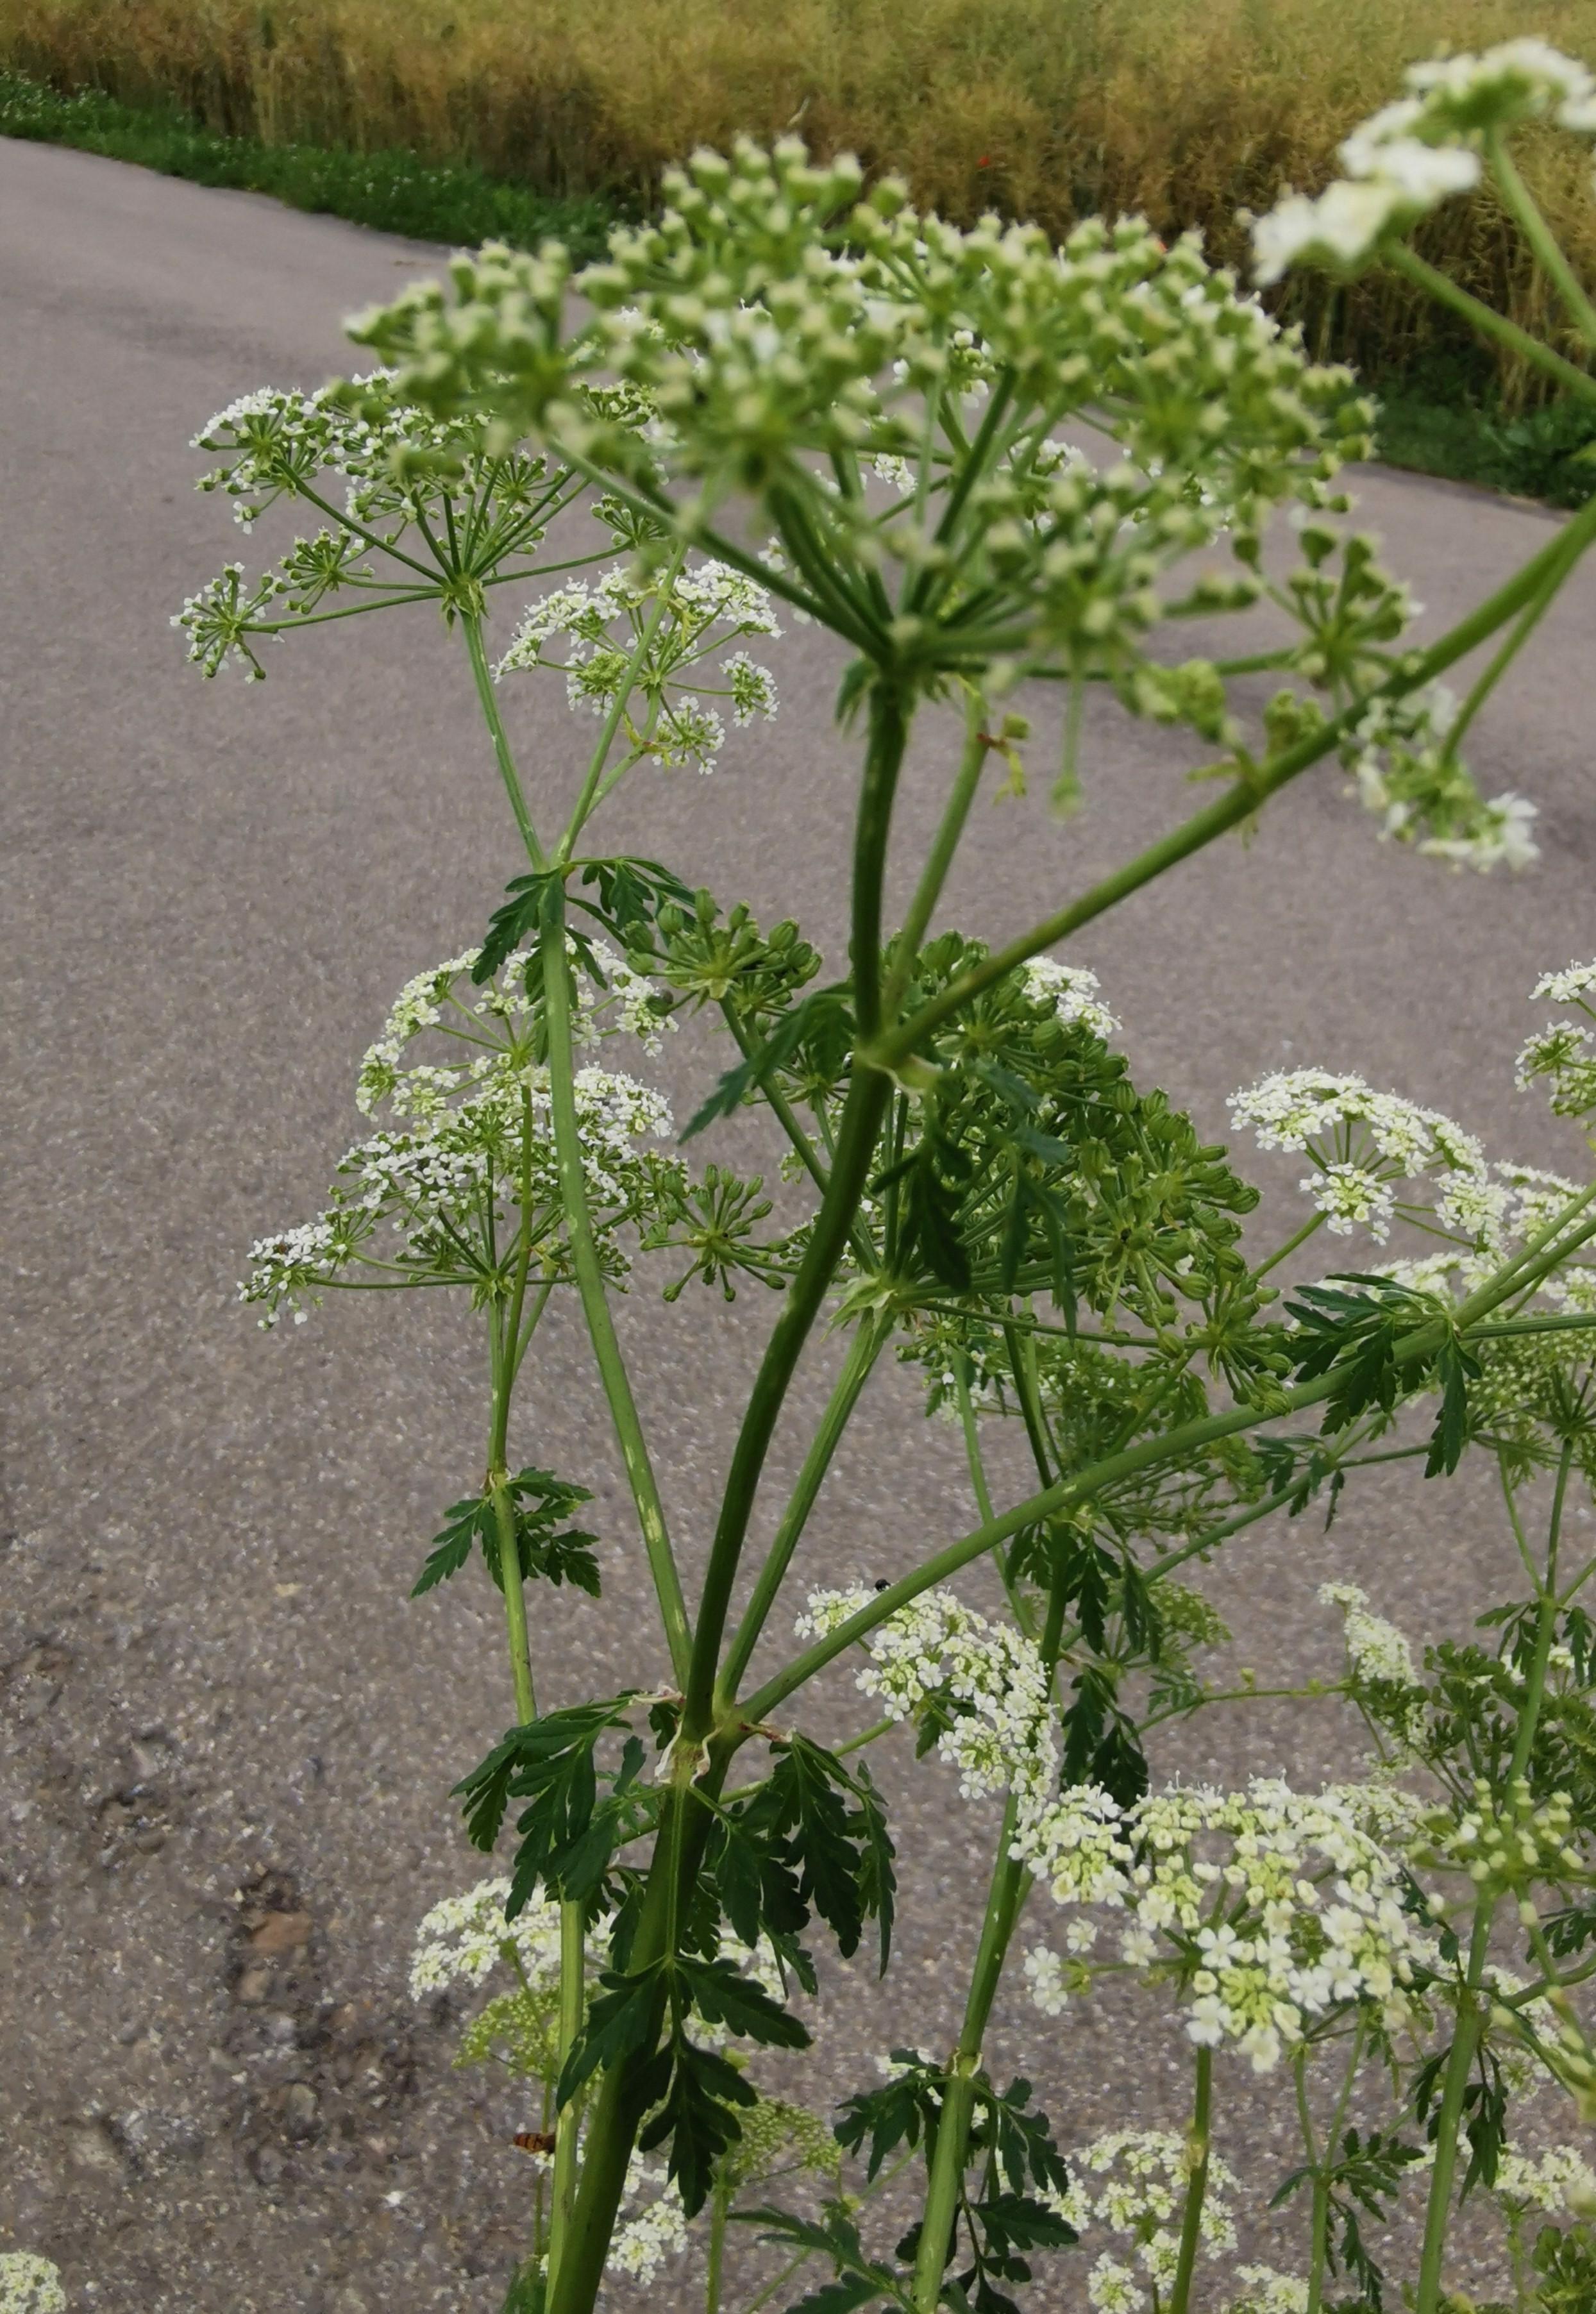 Schierling Blüten und obere Blätter